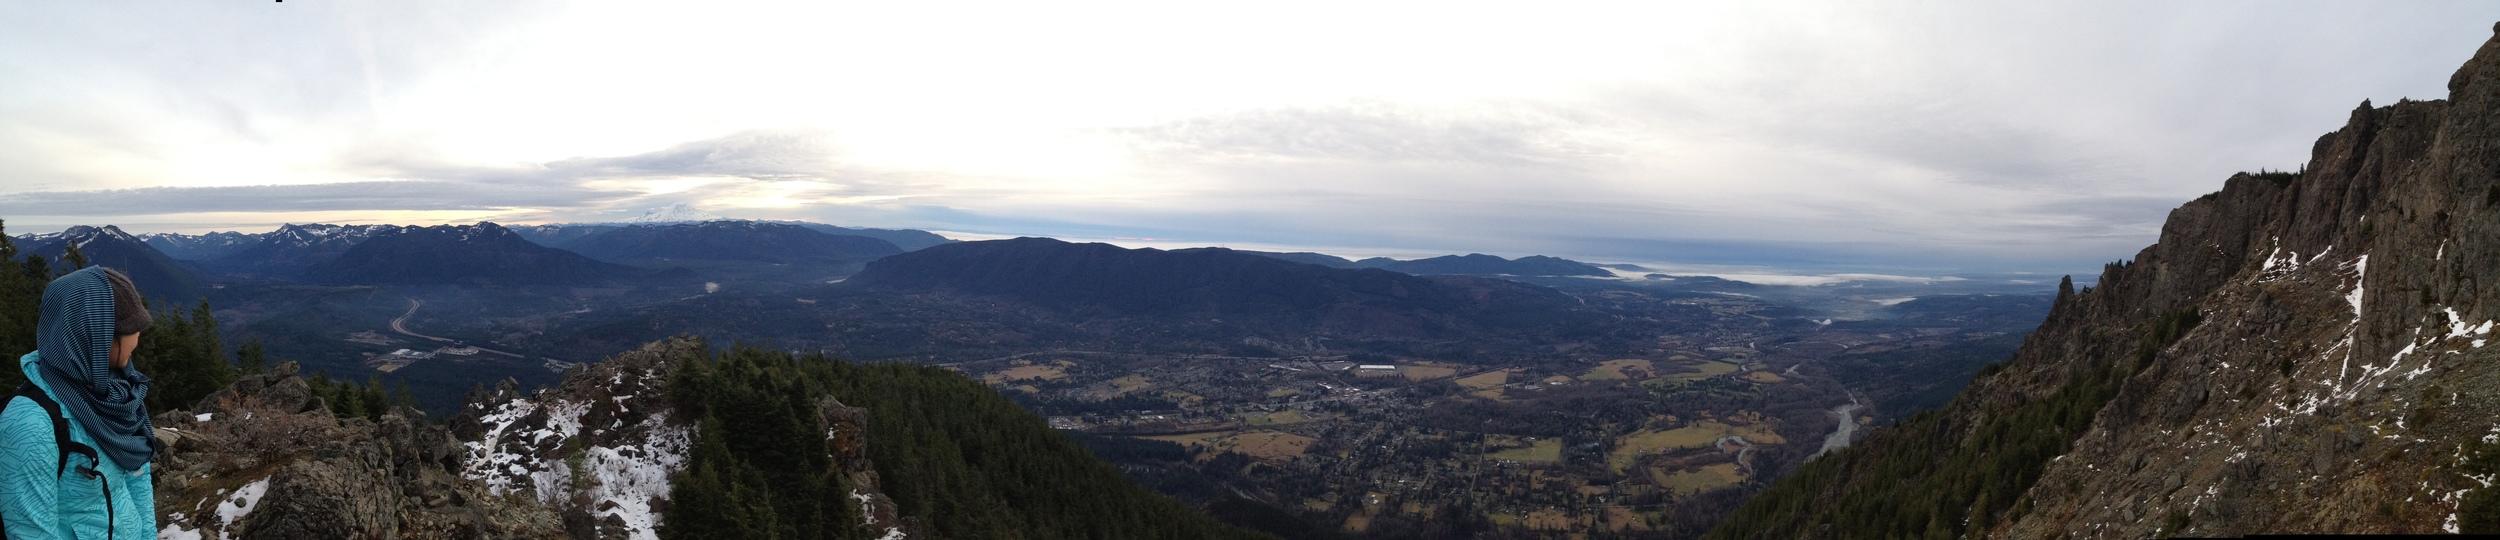 8 miles round trip, 4,160 feet up.